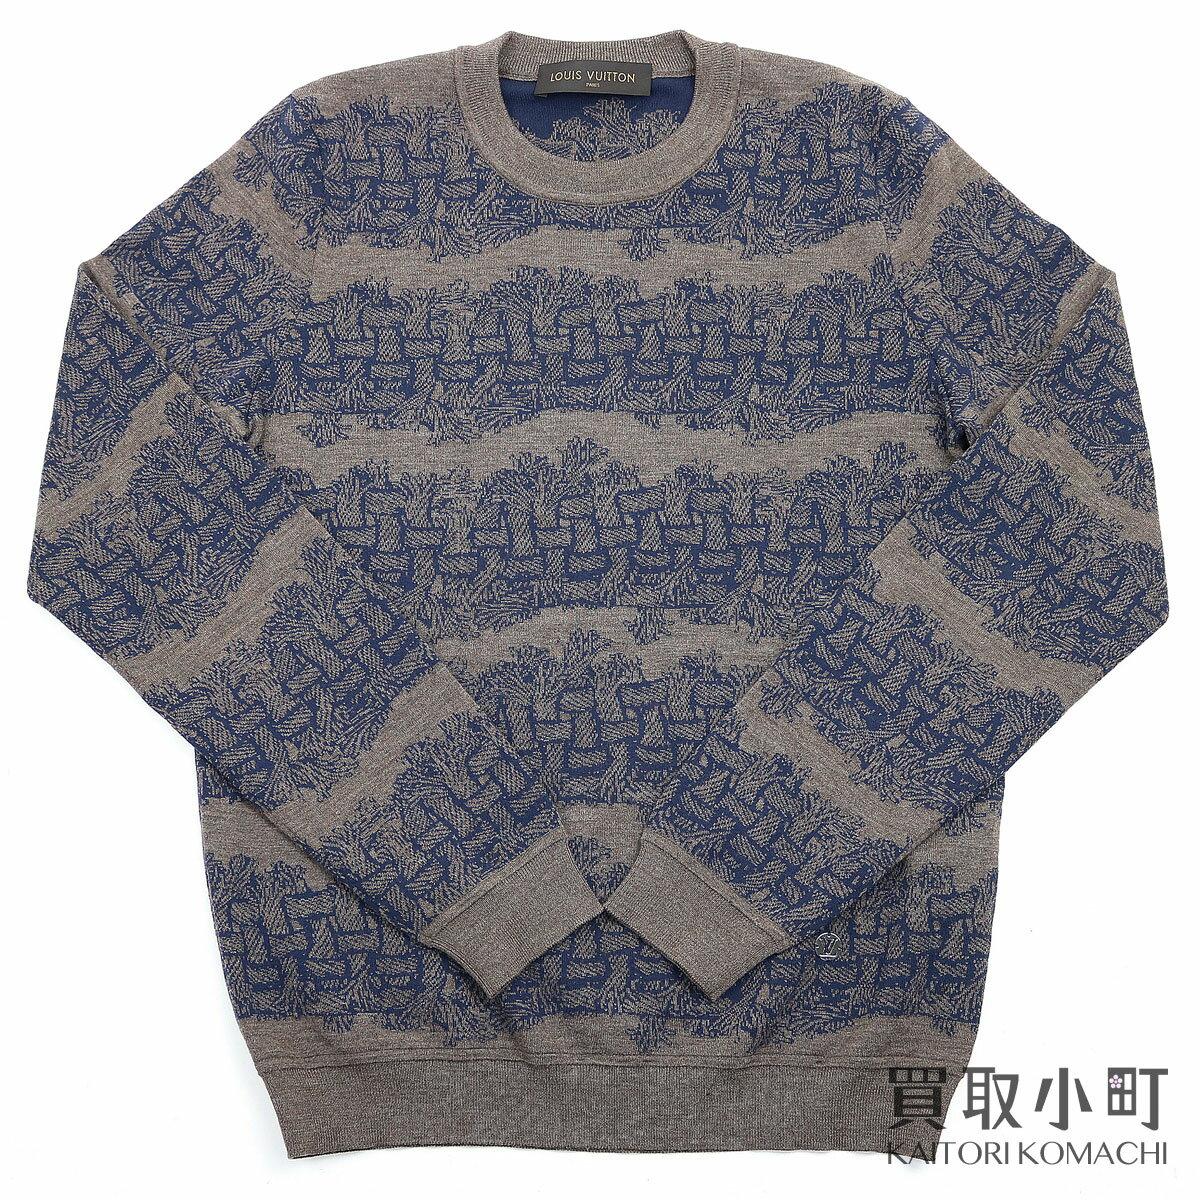 トップス, ニット・セーター LOUIS VUITTON S PM152M Christopher Nemeth Mens Wool Sweater With Rope PatternA